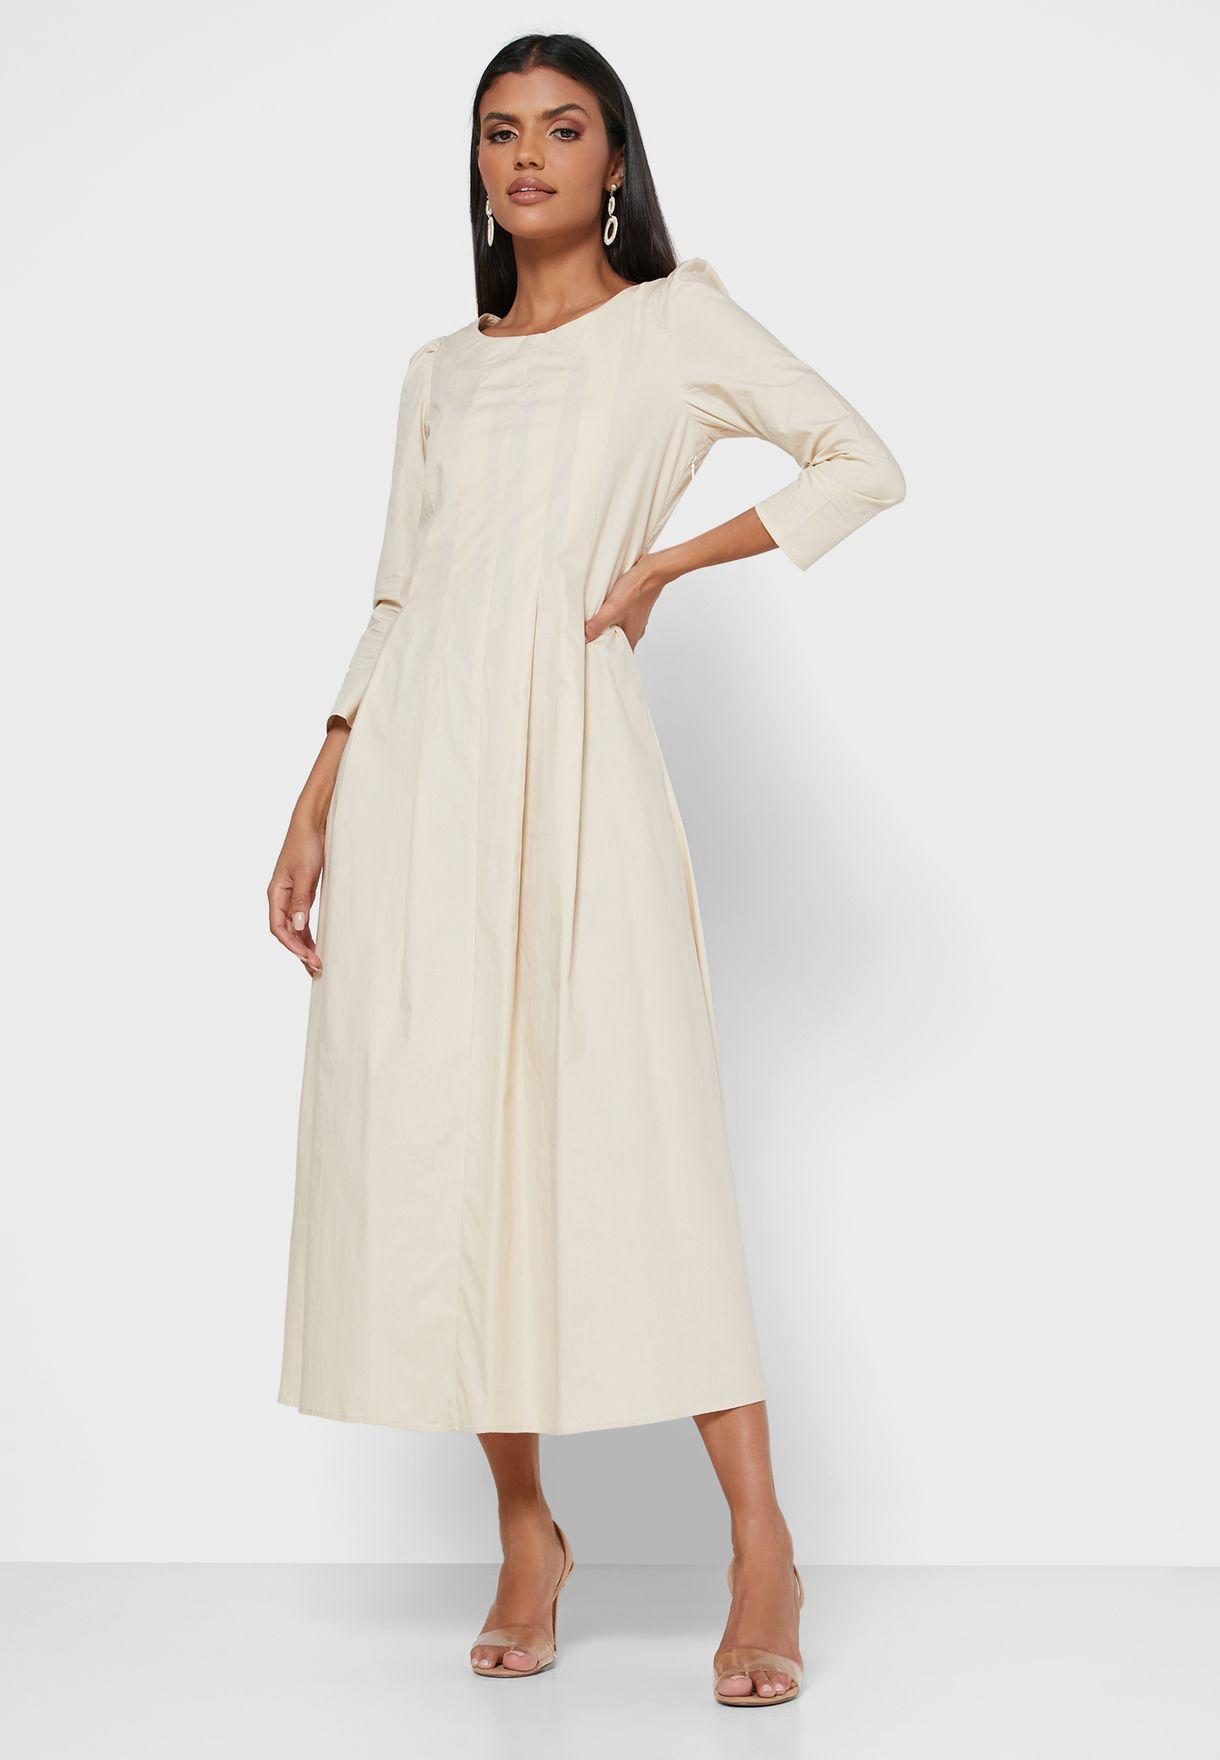 فستان بأكمام منفوشة وكسرات كبيرة